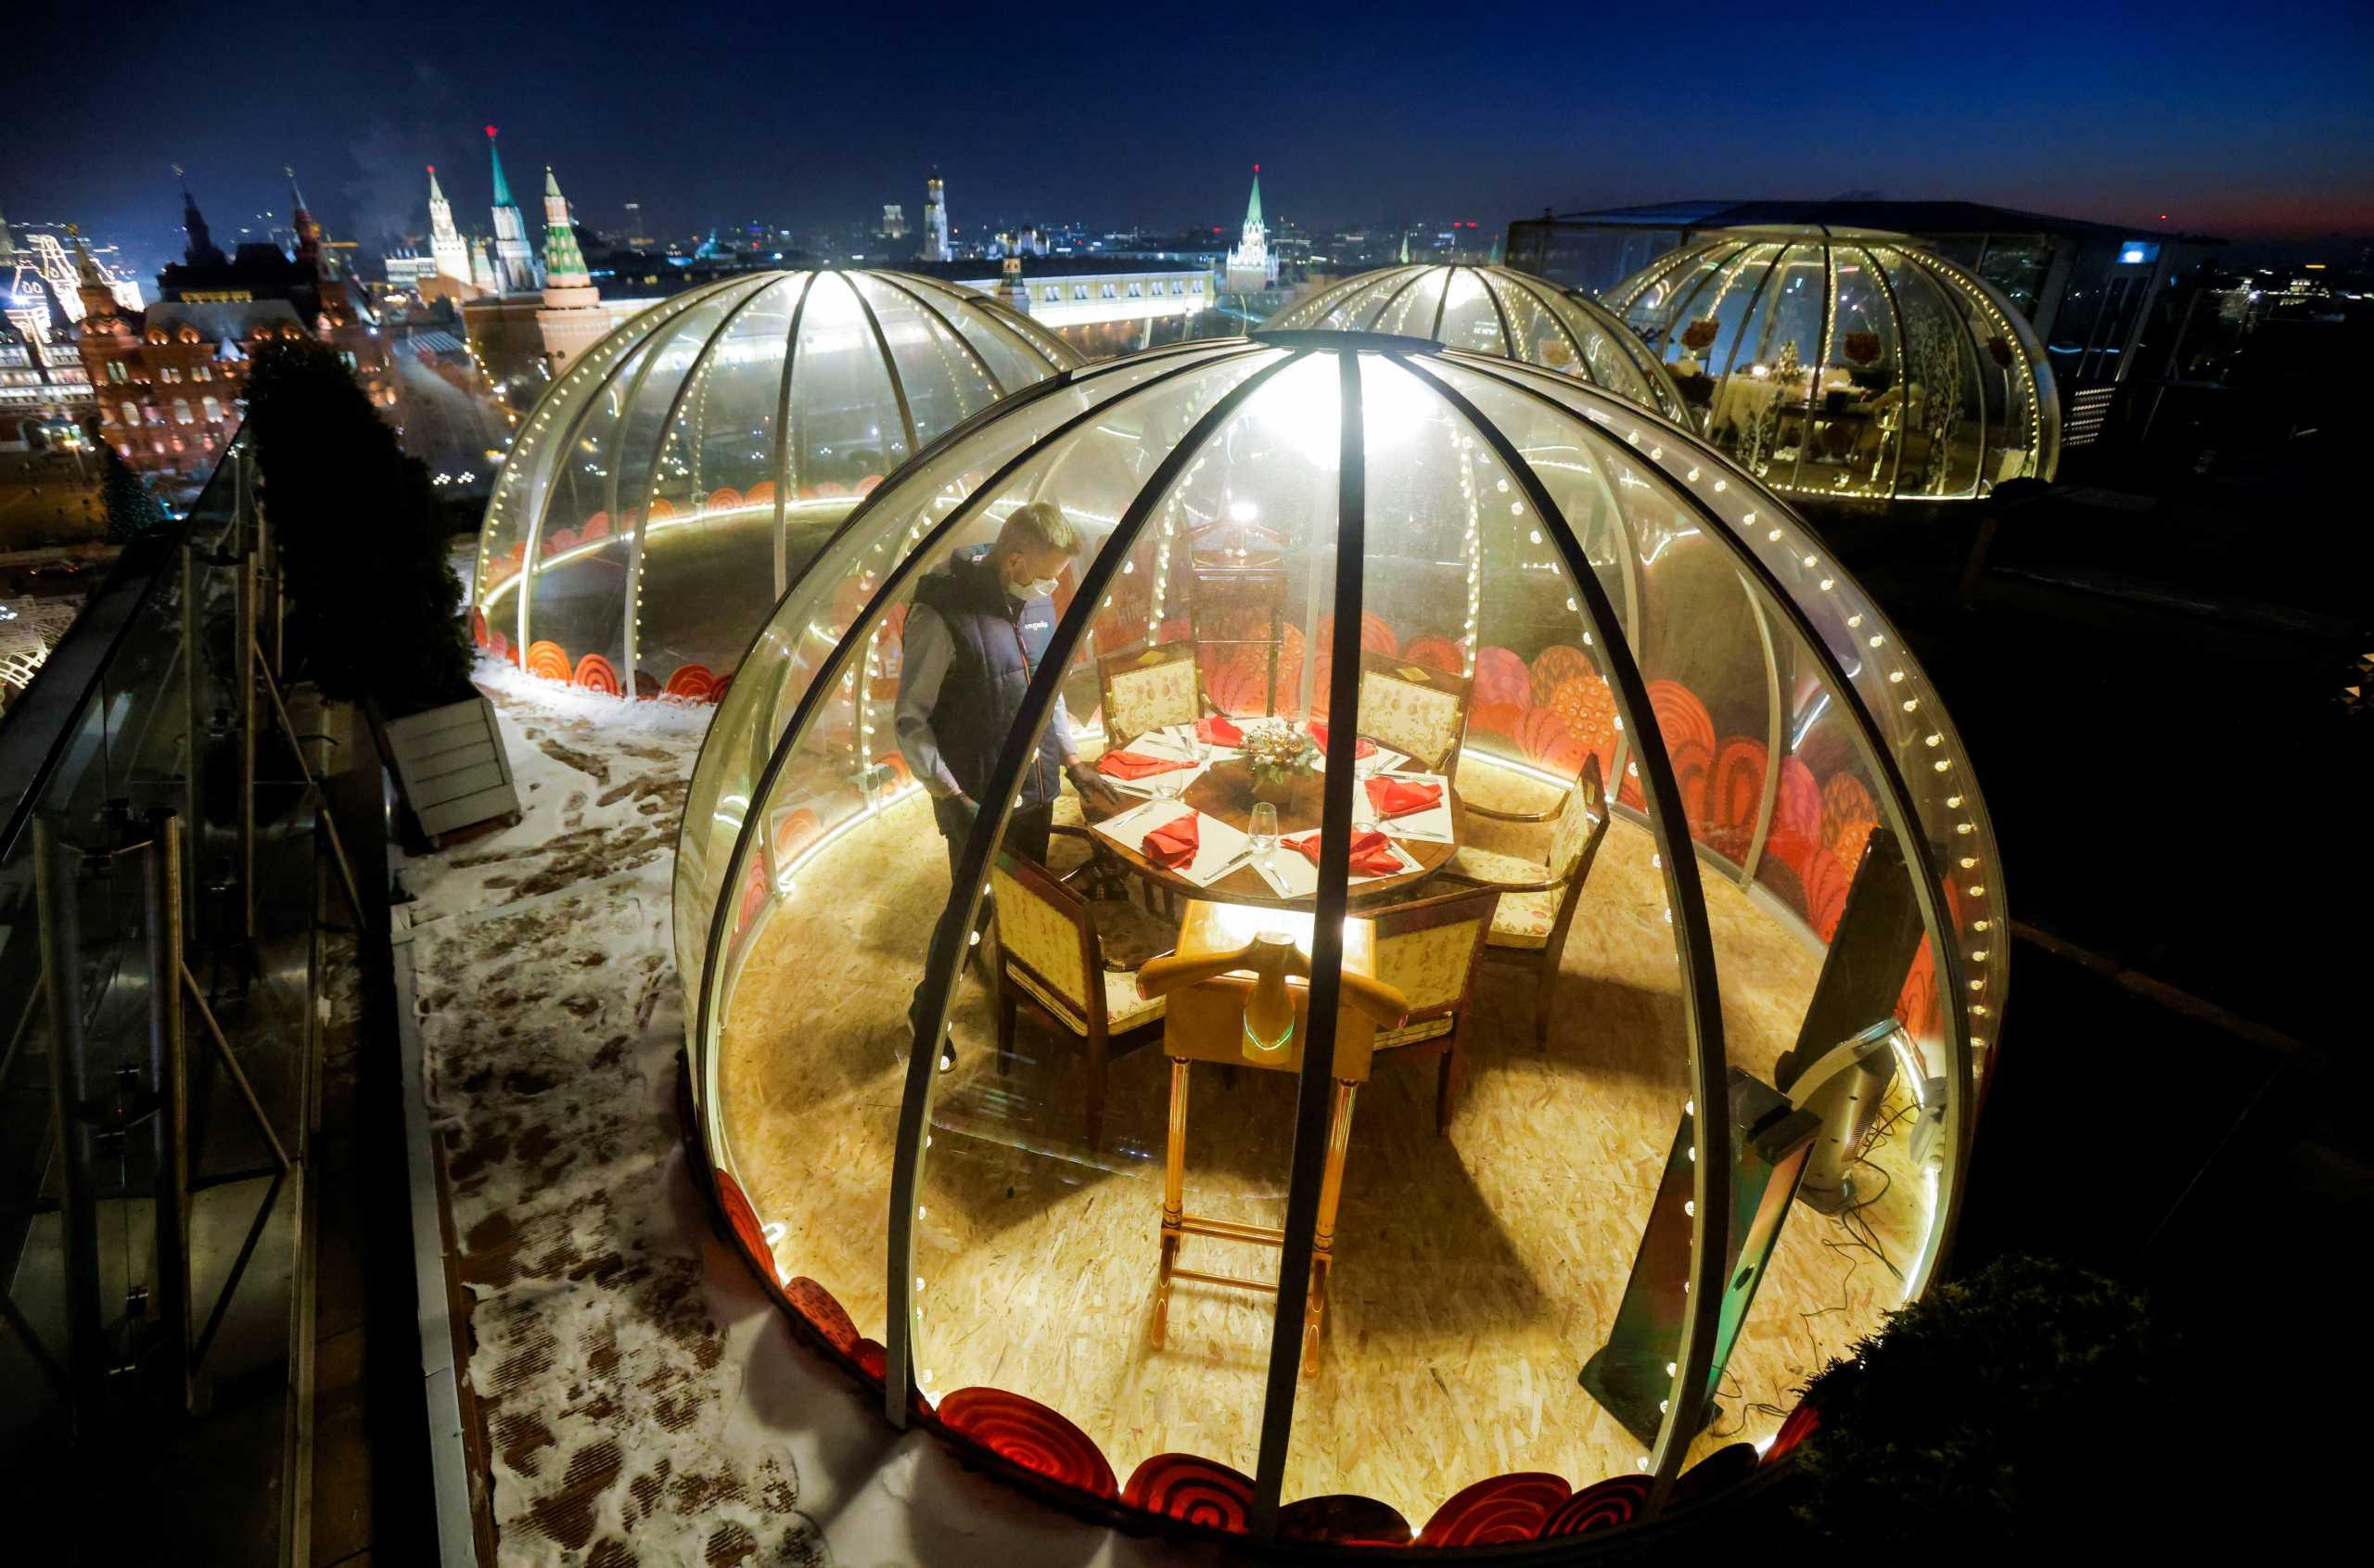 Χριστούγεννα covid – free σε φούσκα χλιδής με θέα την Κόκκινη Πλατεία της Μόσχας